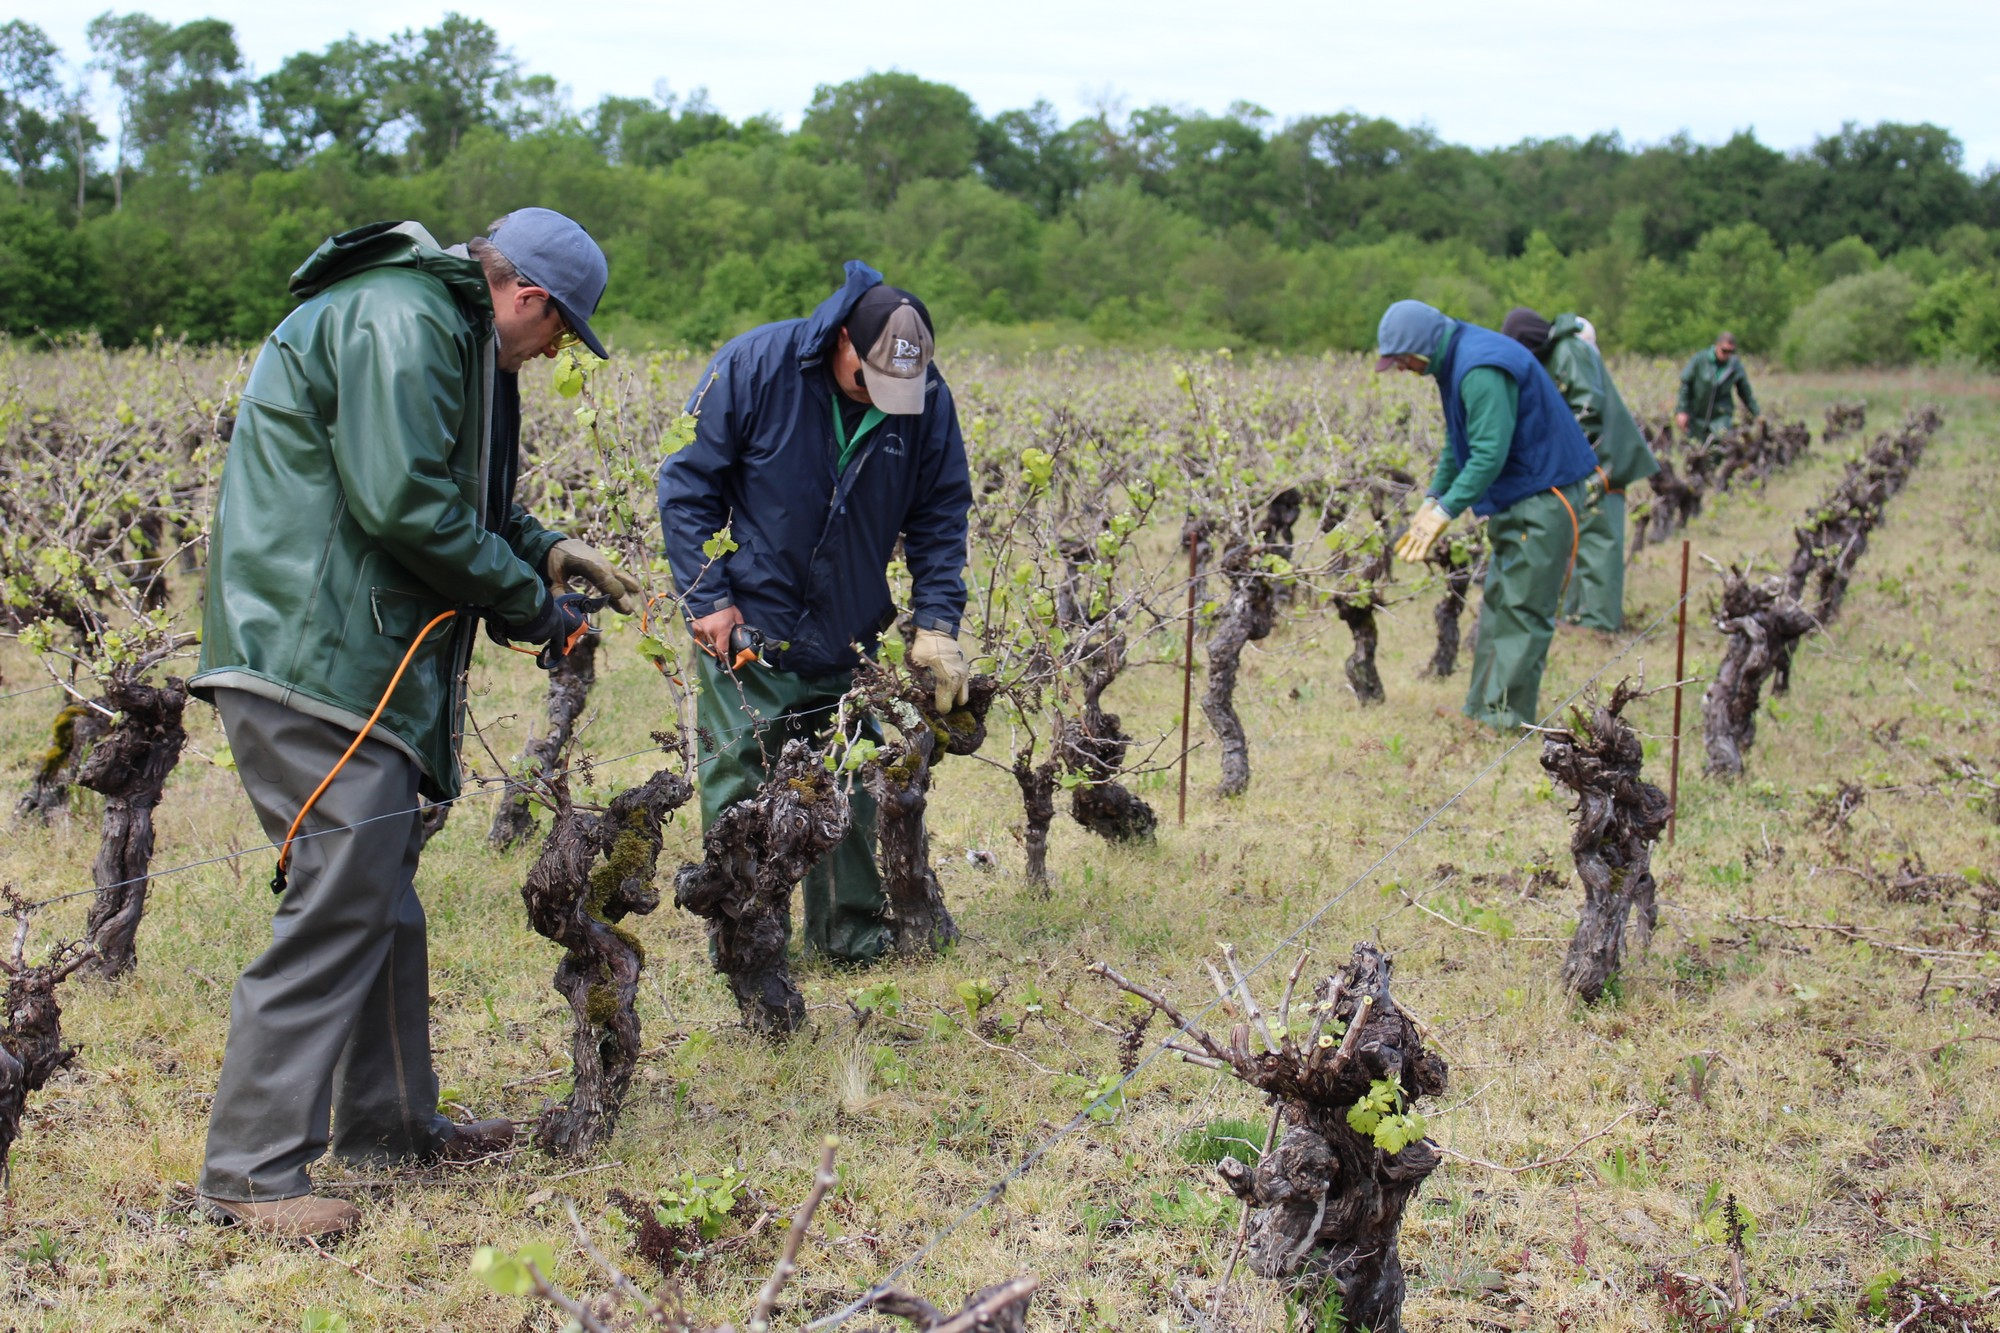 L'Esat Sud-Loire compte 3 équipes spécialisées dans les travaux viticoles manuels.